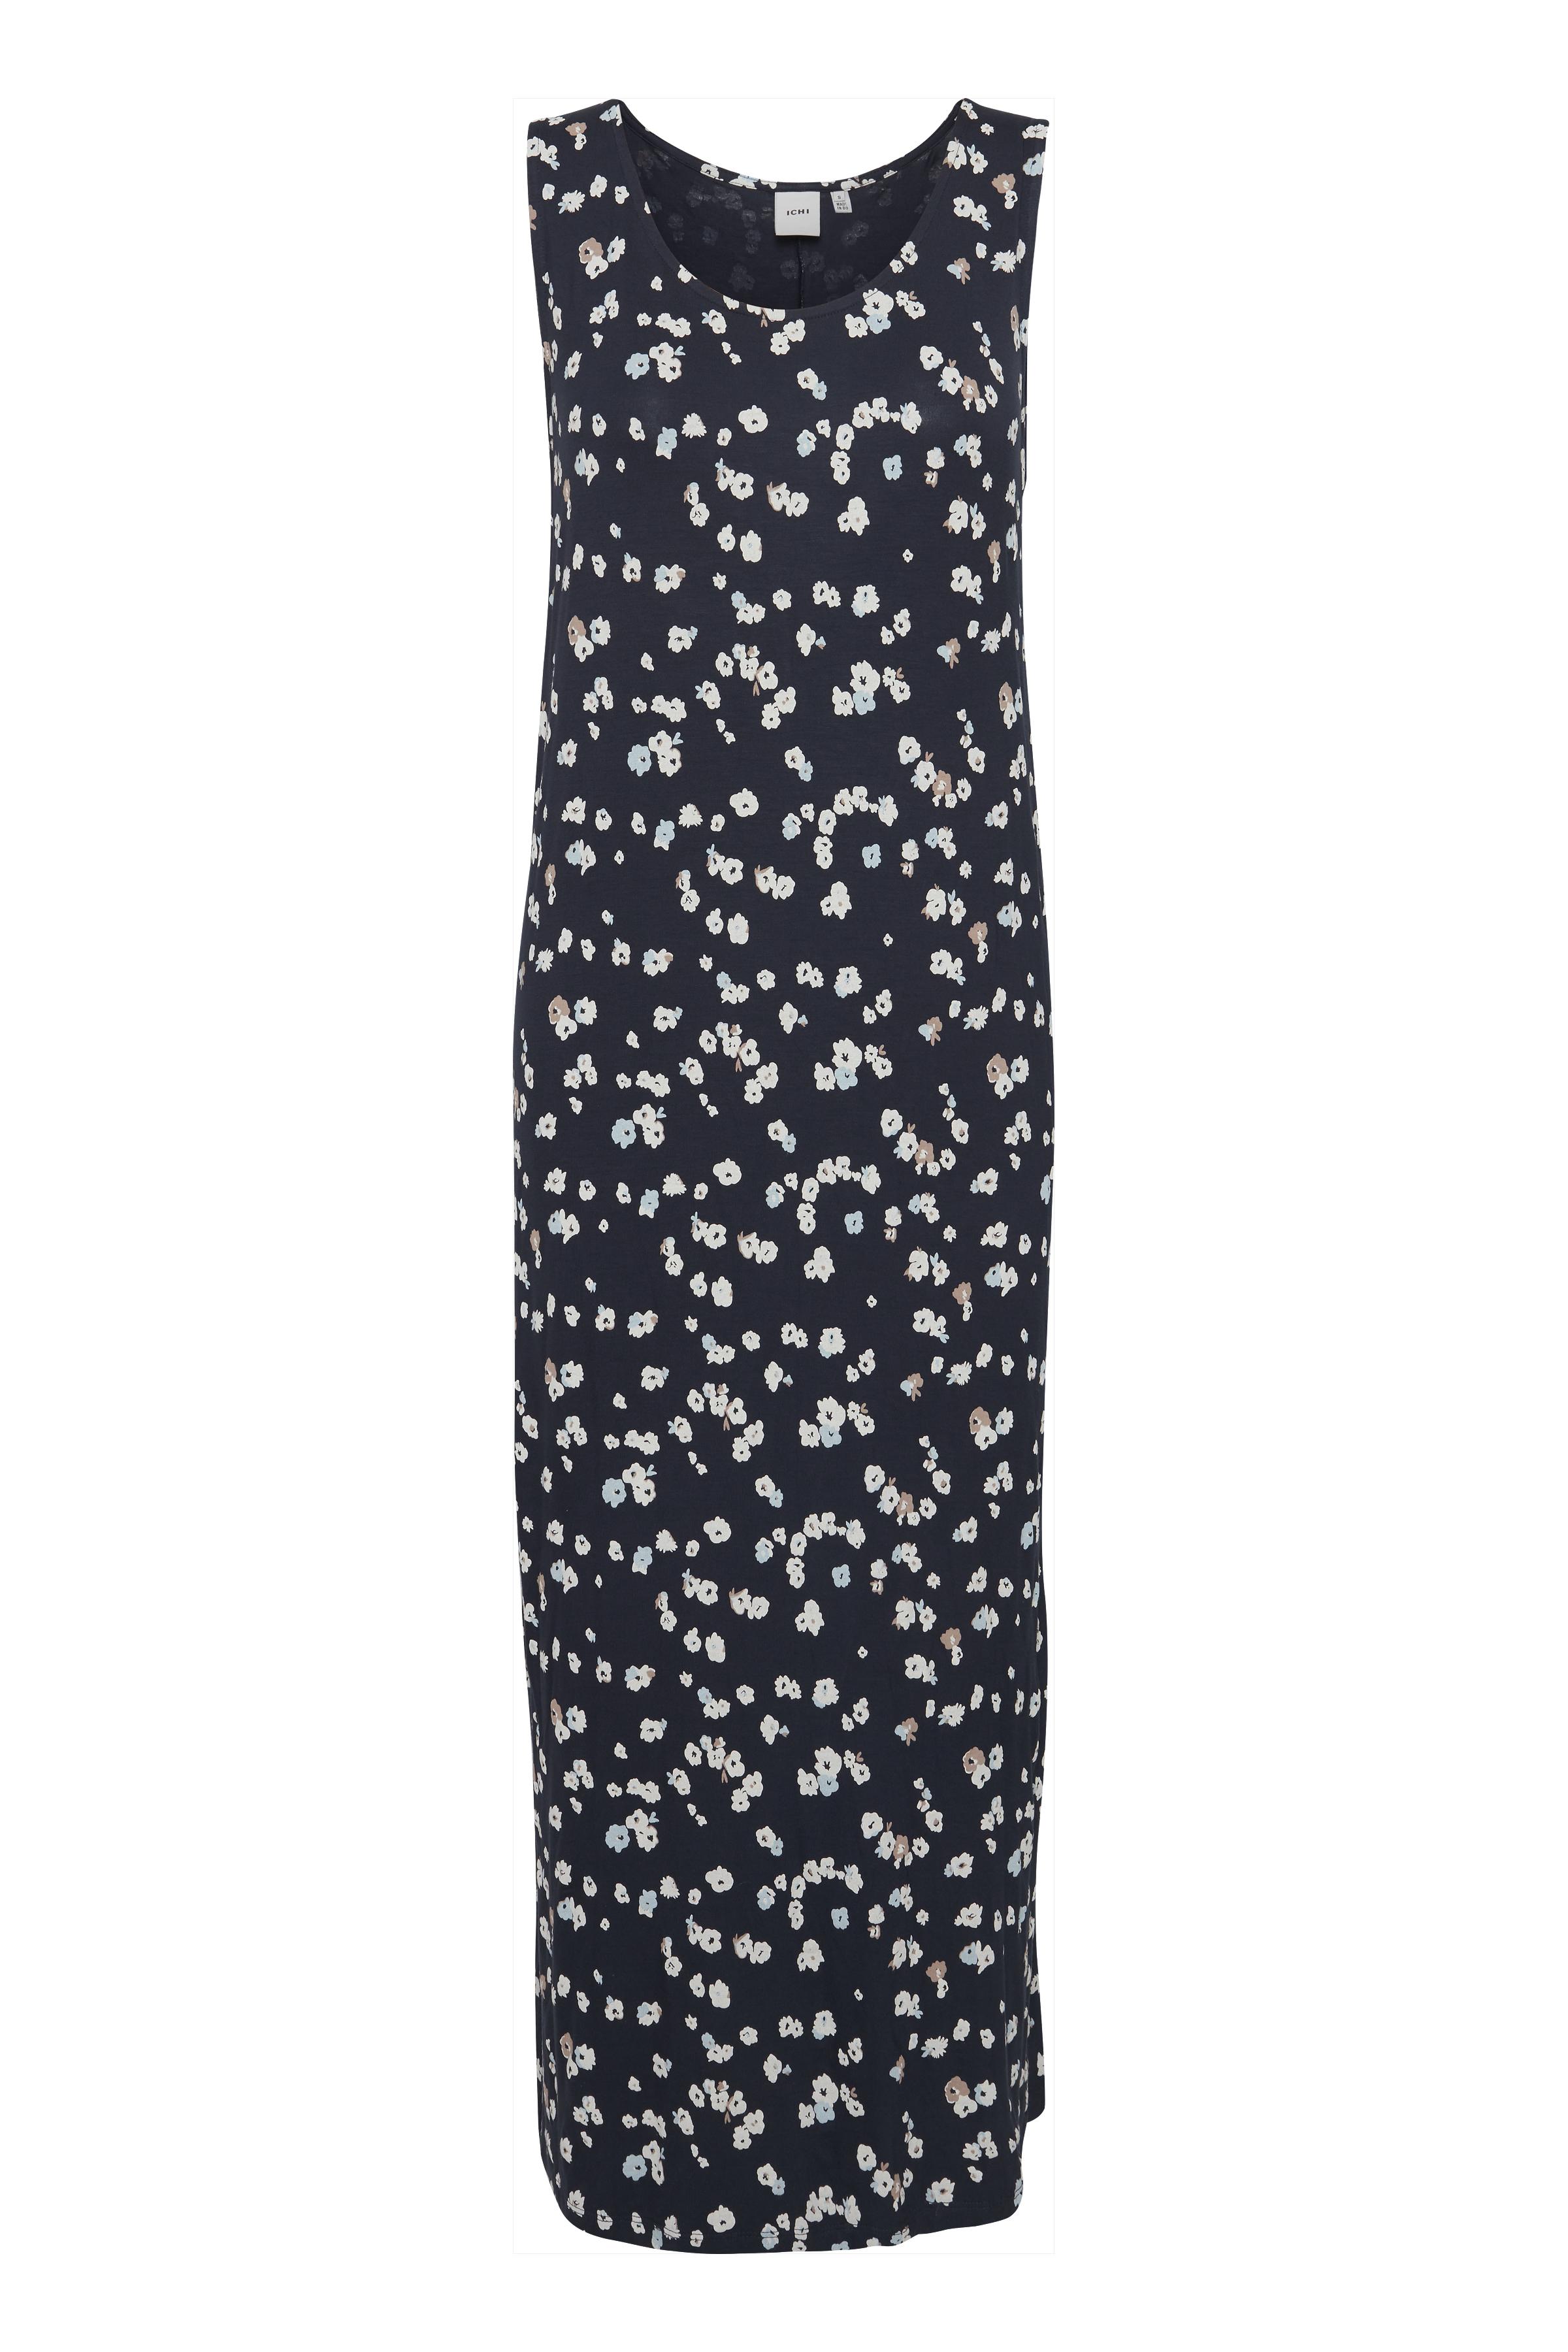 Ichi Dame Jersey jurk - Cool Blue